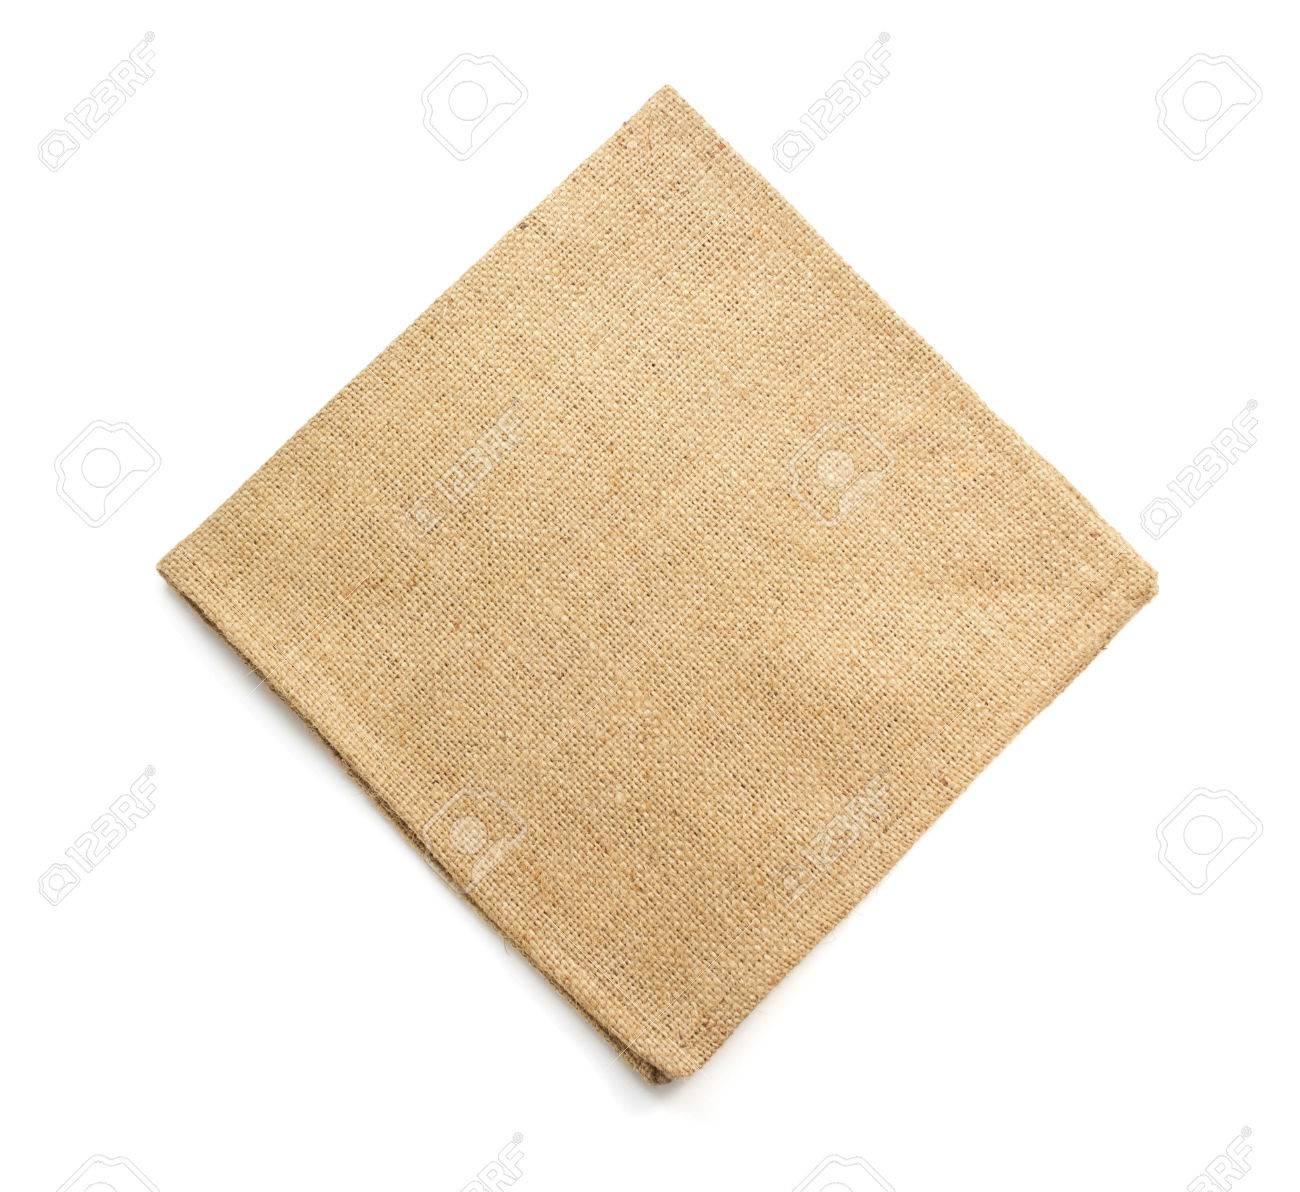 burlap hessian sacking isolated on white background - 45820867